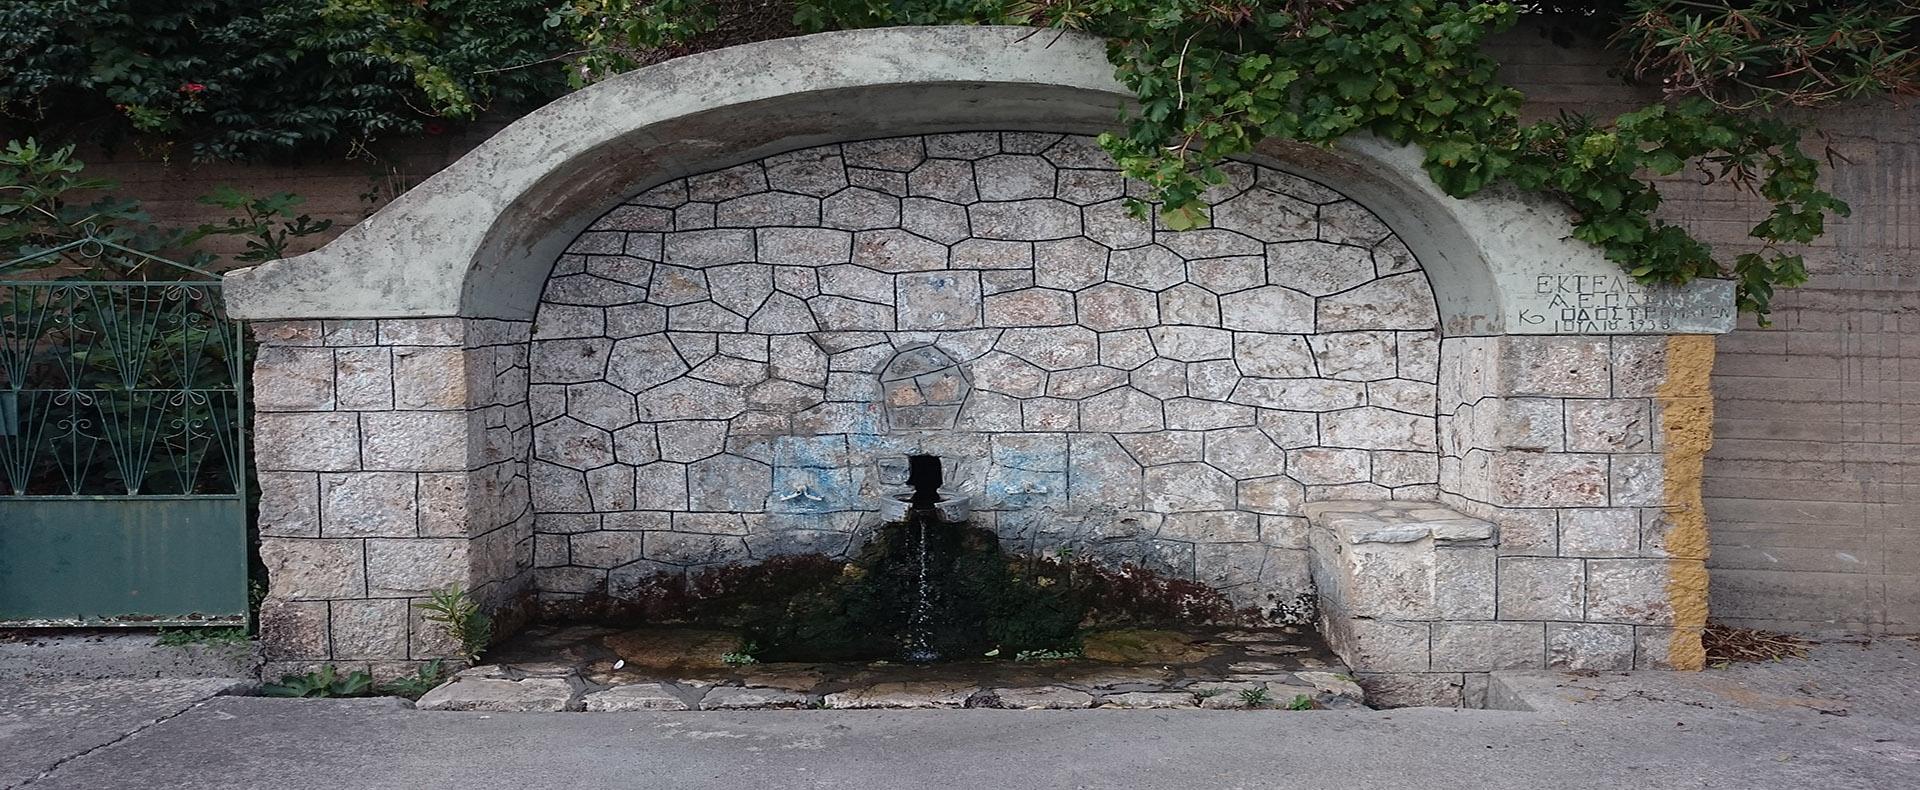 Η Βοριλέικη βρύση στο Γεωργίτσι Λακωνίας